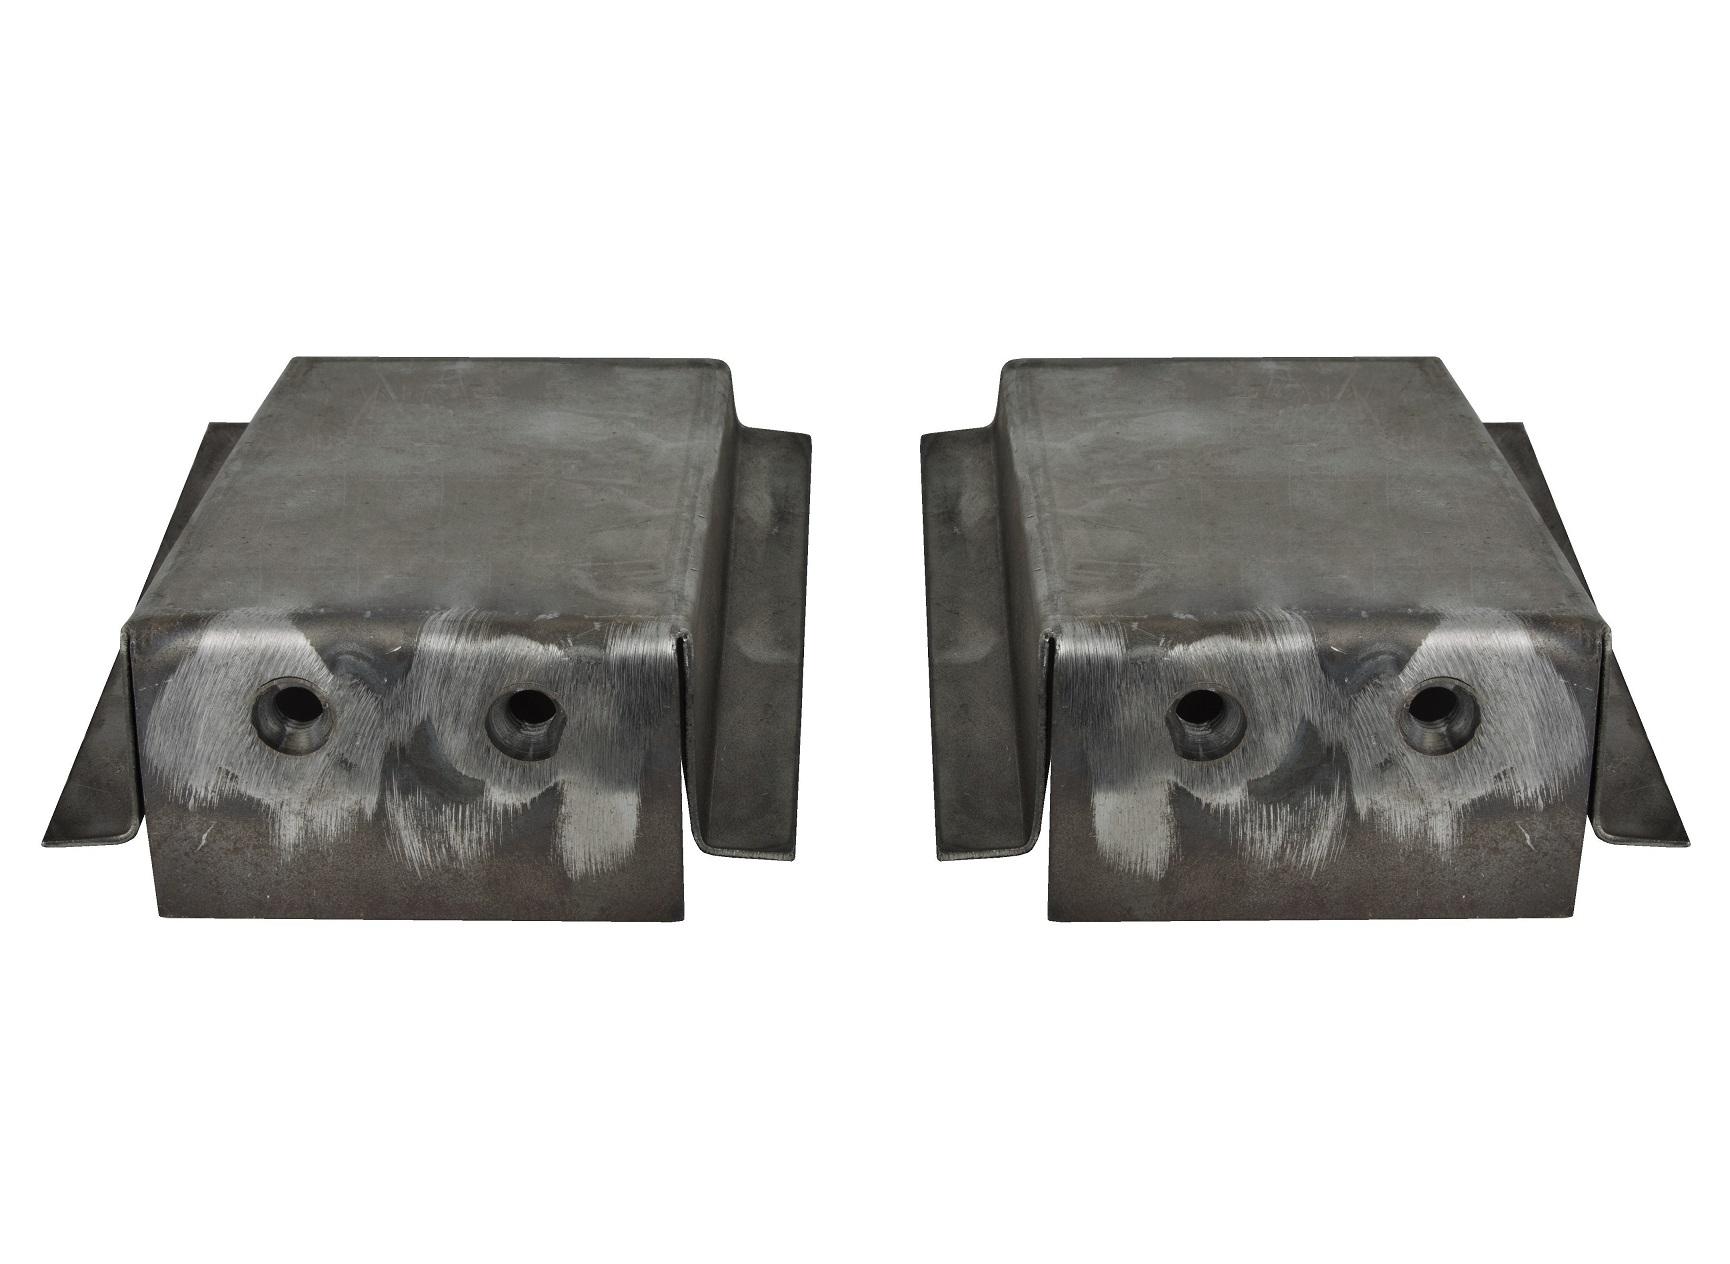 Universal Weld In Gearbox Tunnel Mounting Bracket Escort Mk1 Mk2